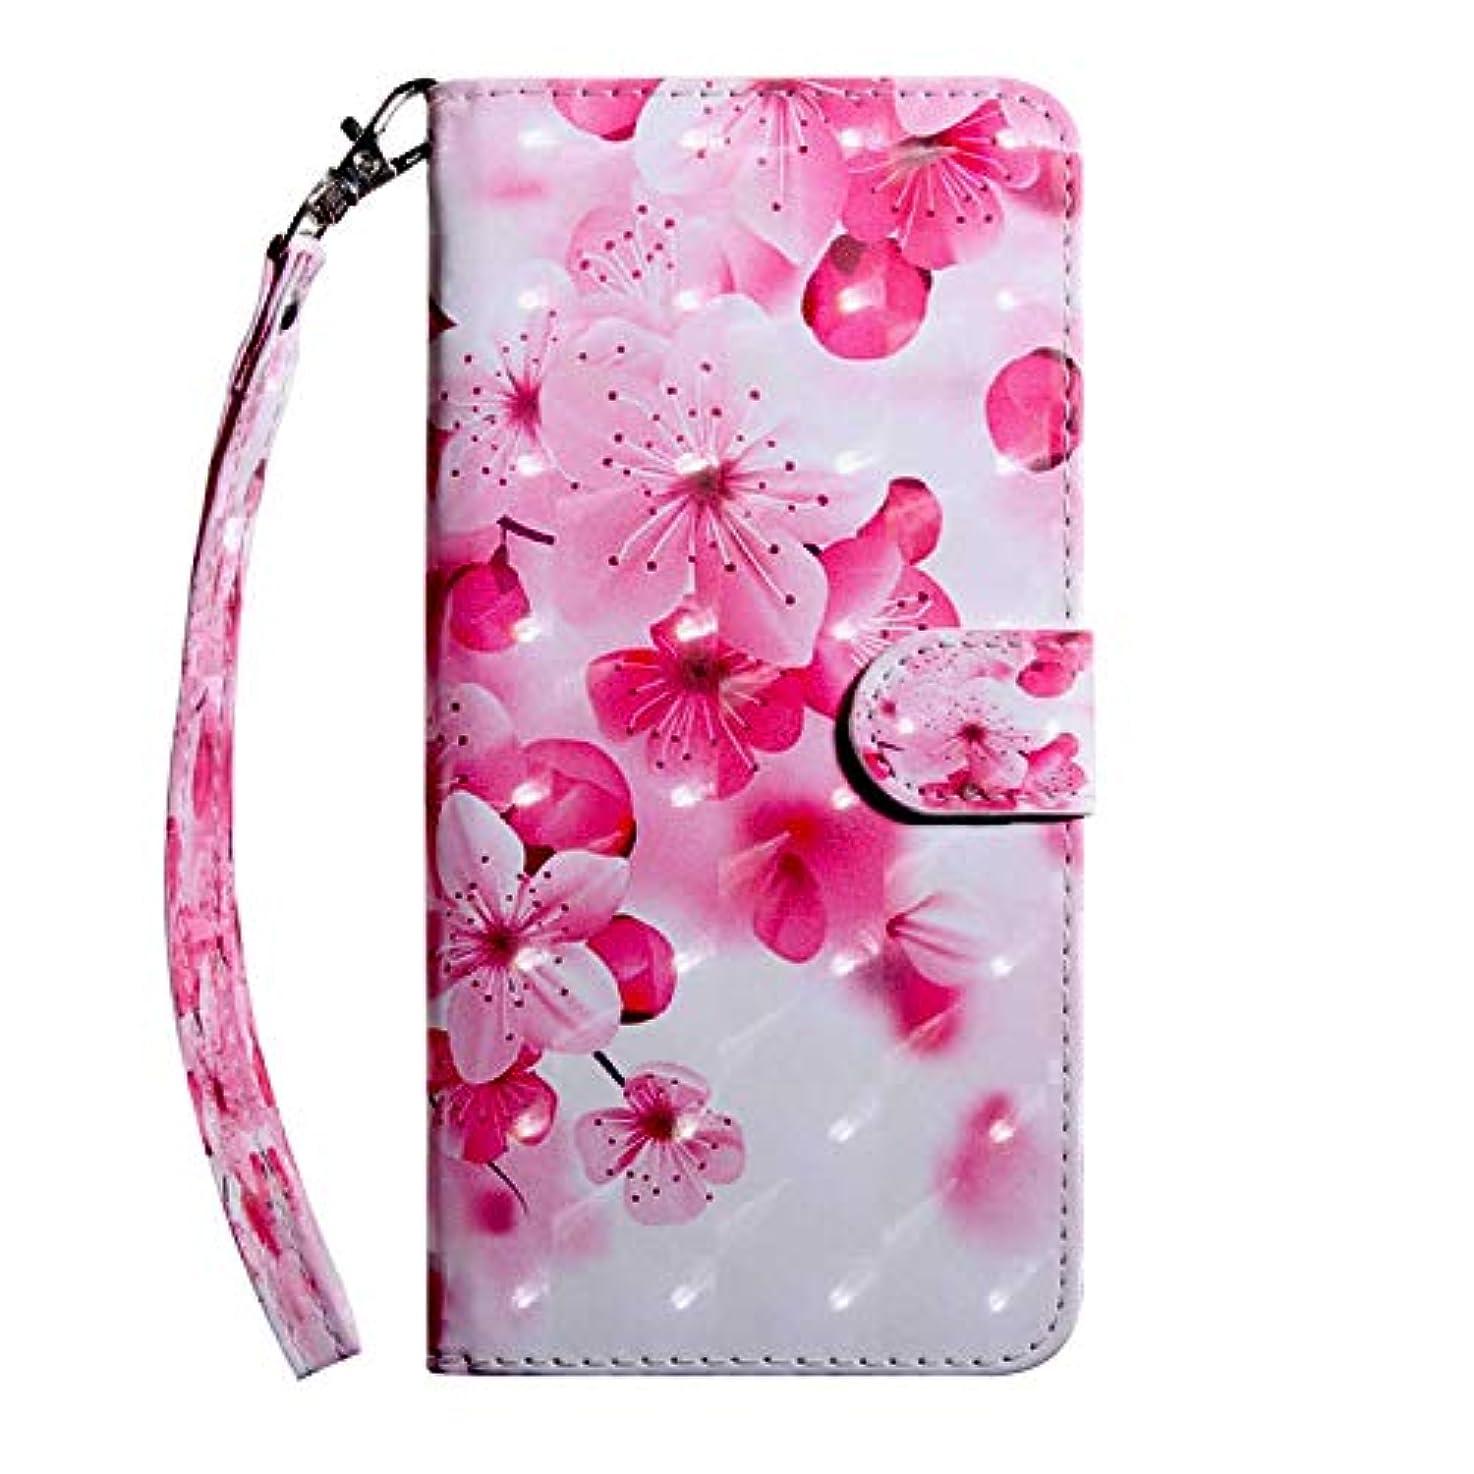 木窒素のためCUSKING Sony Xperia XA2 ケース 手帳型 財布型カバー Sony Xperia XA2 スマホカバー 磁気バックル カード収納 スタンド機能 エクスペリア レザーケース –さくら